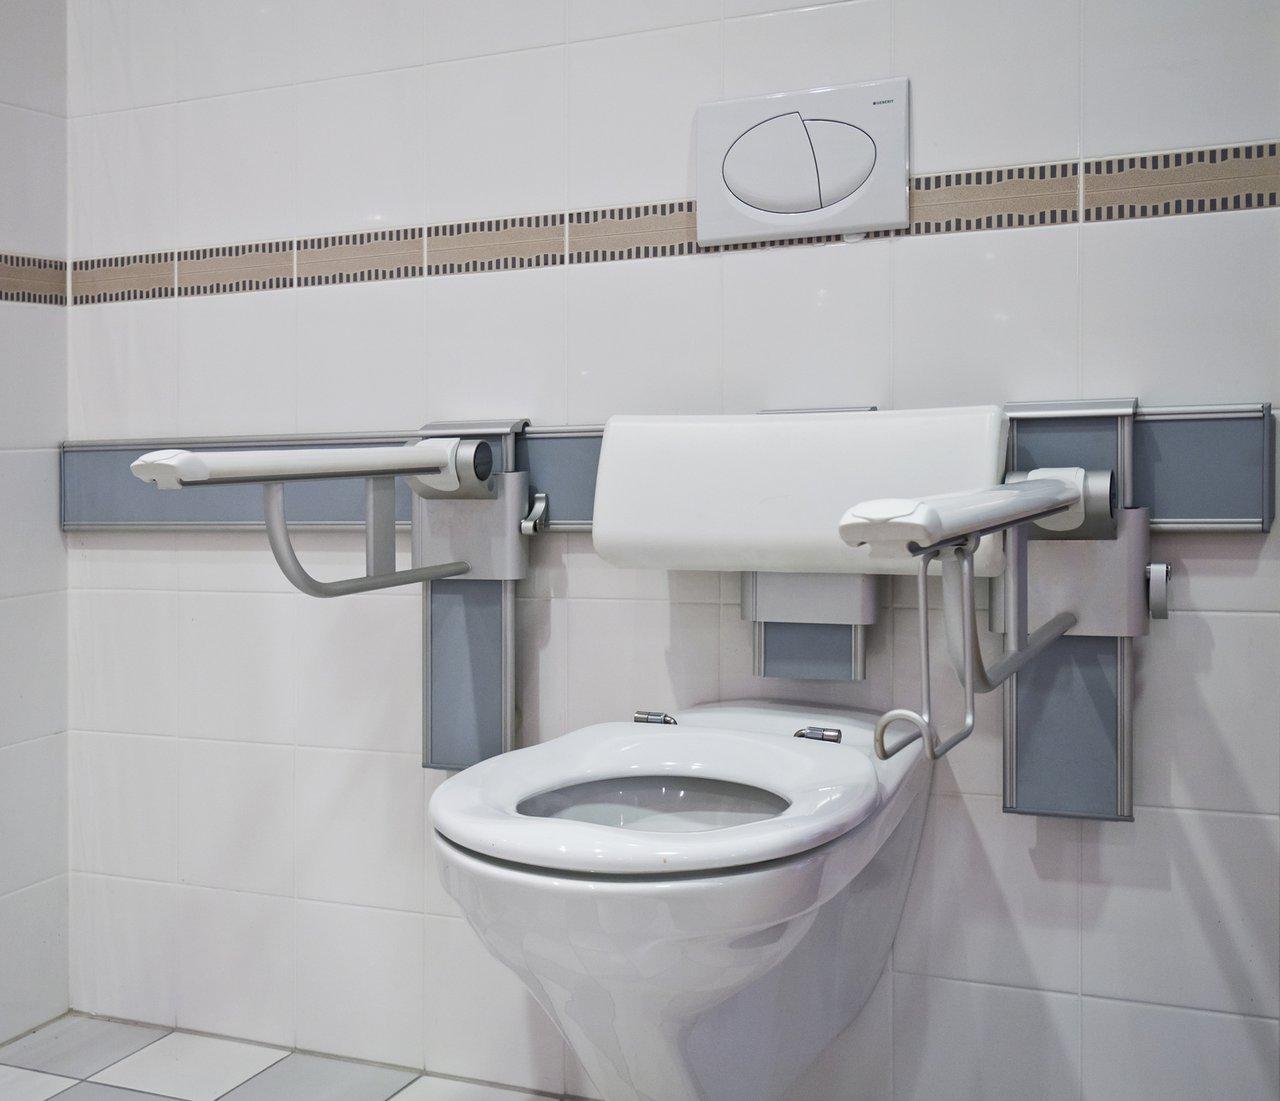 Ebenerdige Duschen Sind Ein Wichtiger Aspekt Barrierefreier Bäder.  Fotolia.com/modul_a